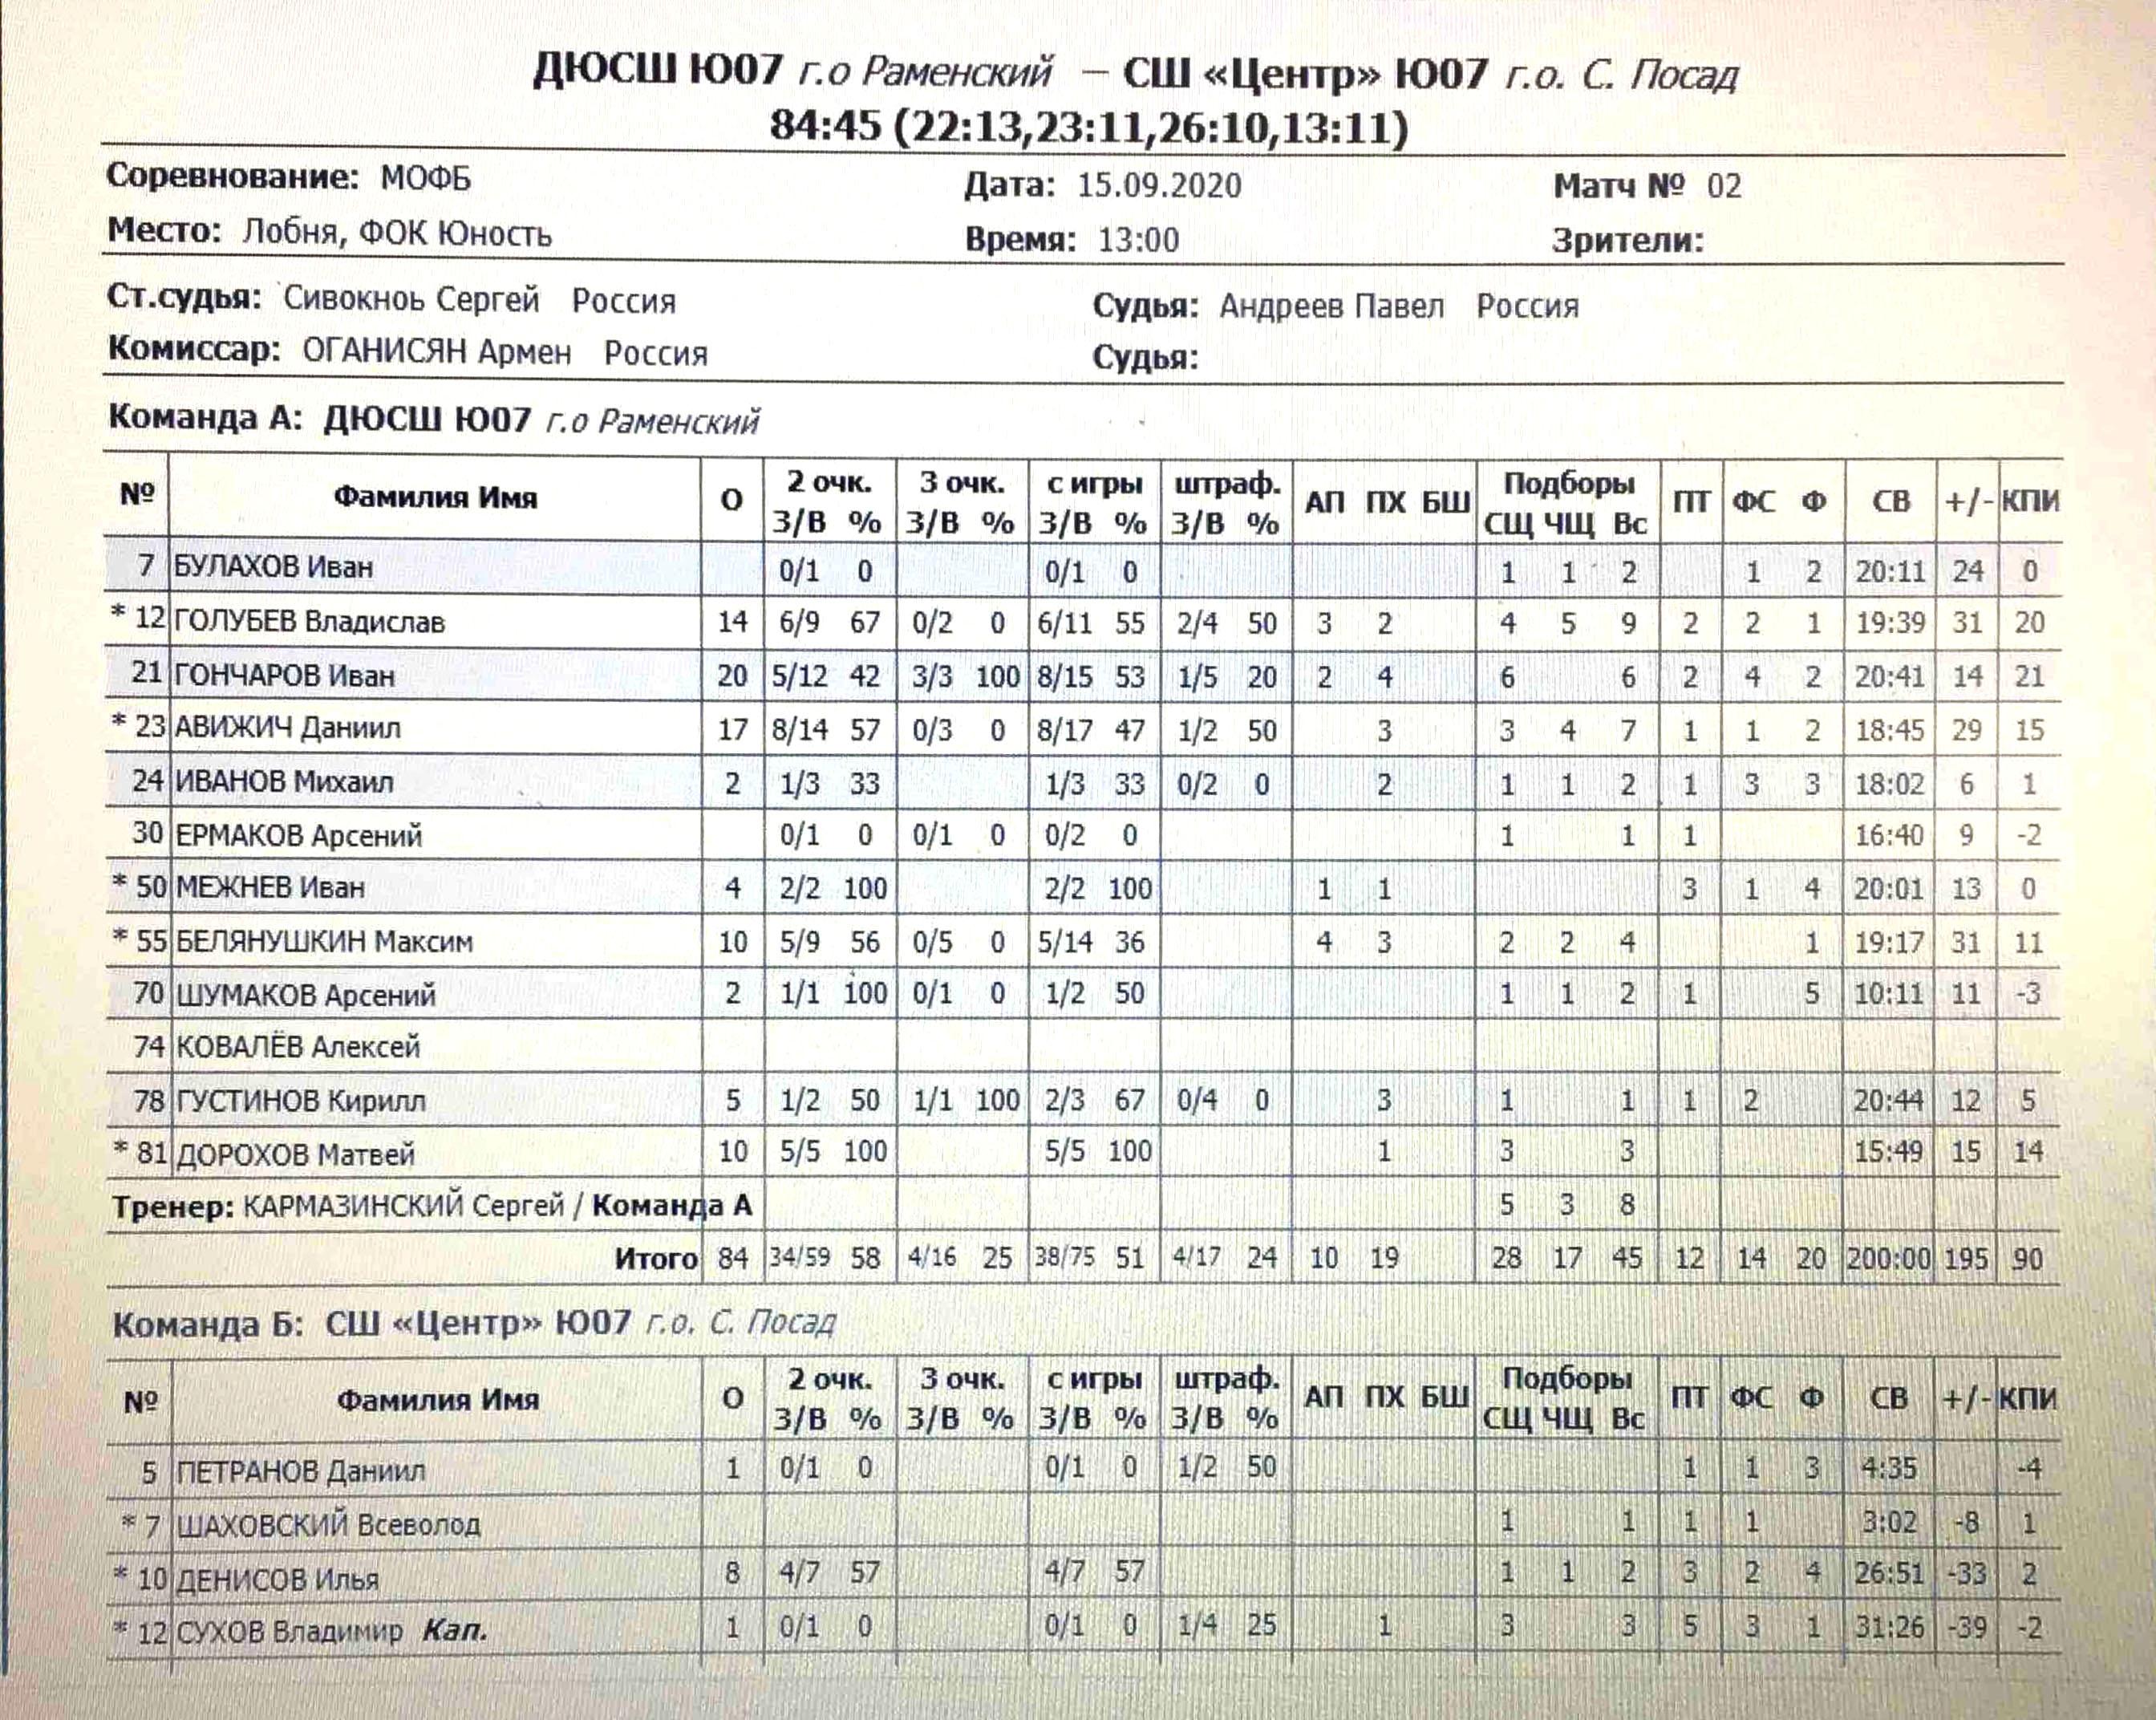 Статистика нашей команды в игре с С. Посадом от 15.09.2020